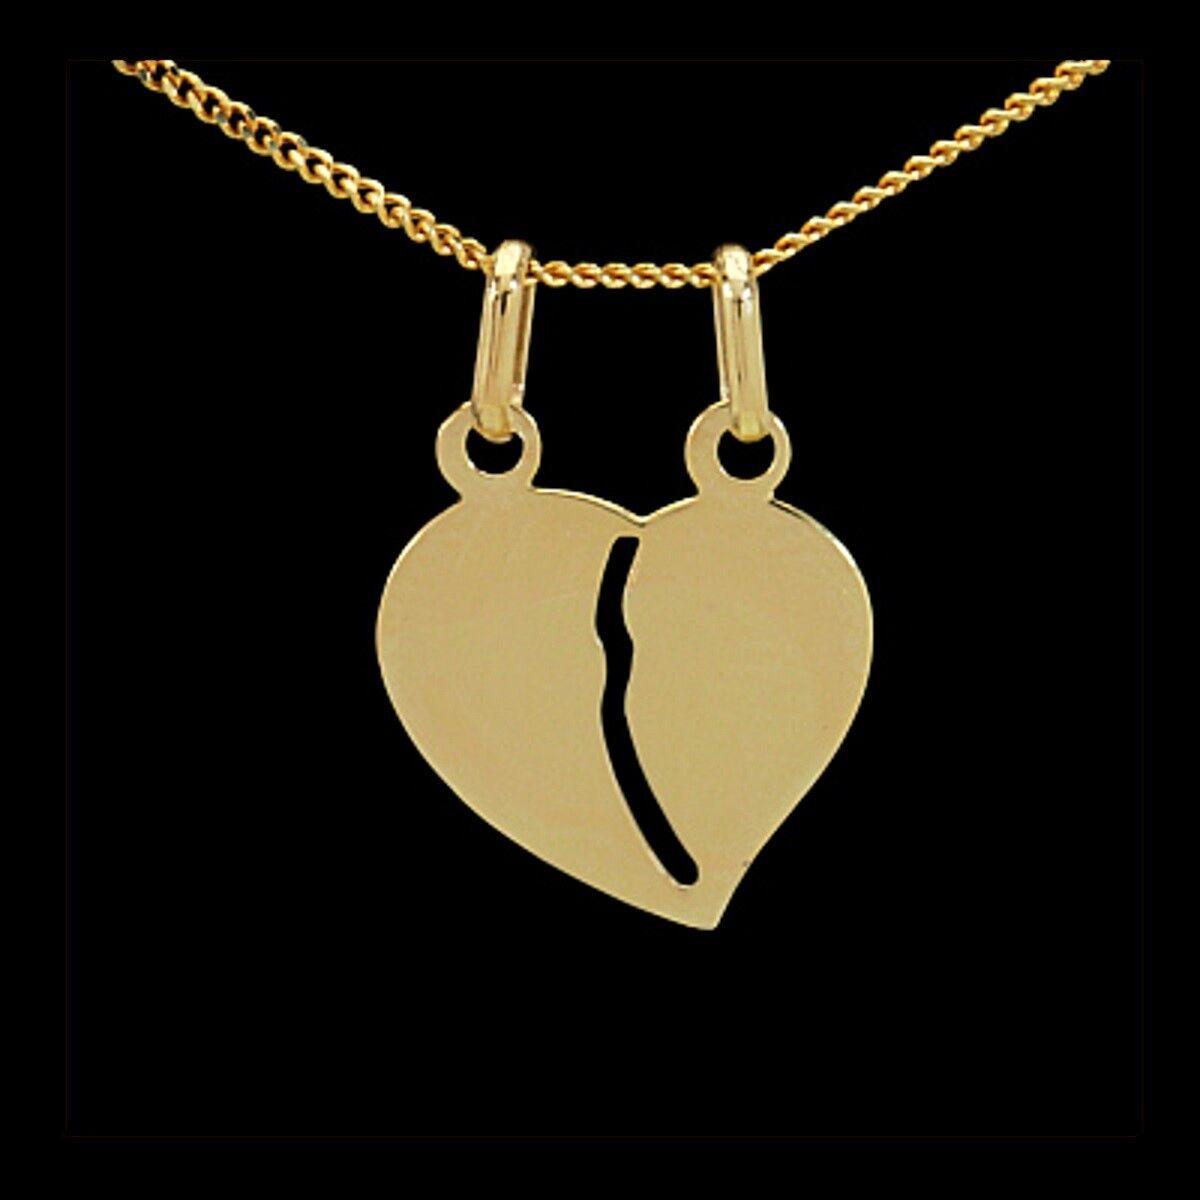 c7c96429bb45 333 Gold Herz Anhänger mit ohne Double Halskette Glücksbringer ...